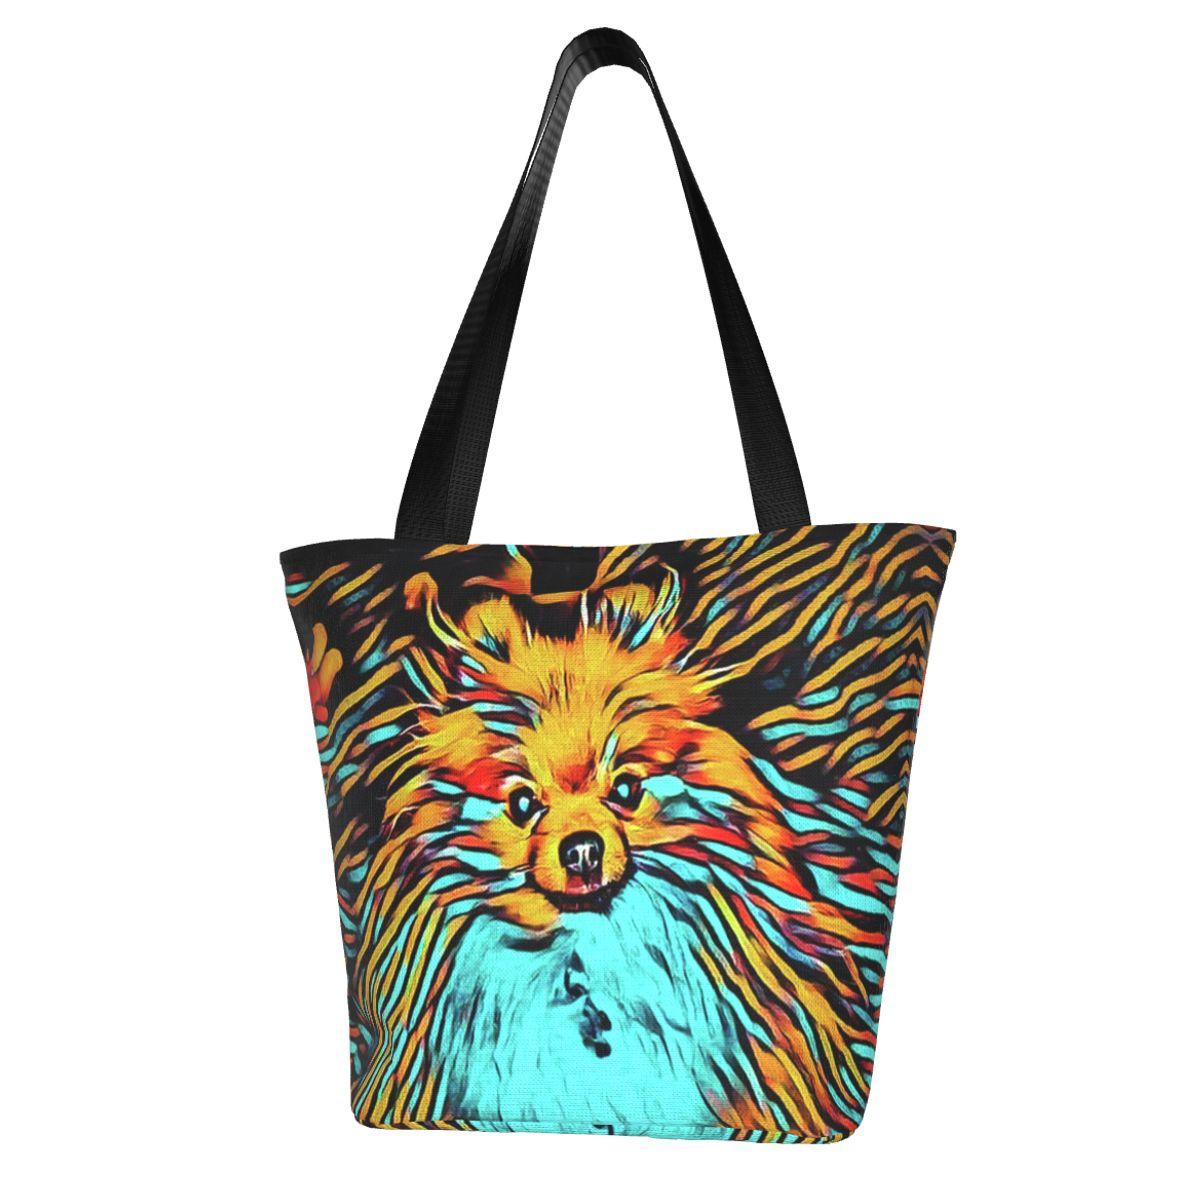 Pomeranian хозяйственная сумка оптом Эстетическая сумка полиэстер офисные студенческие сумки